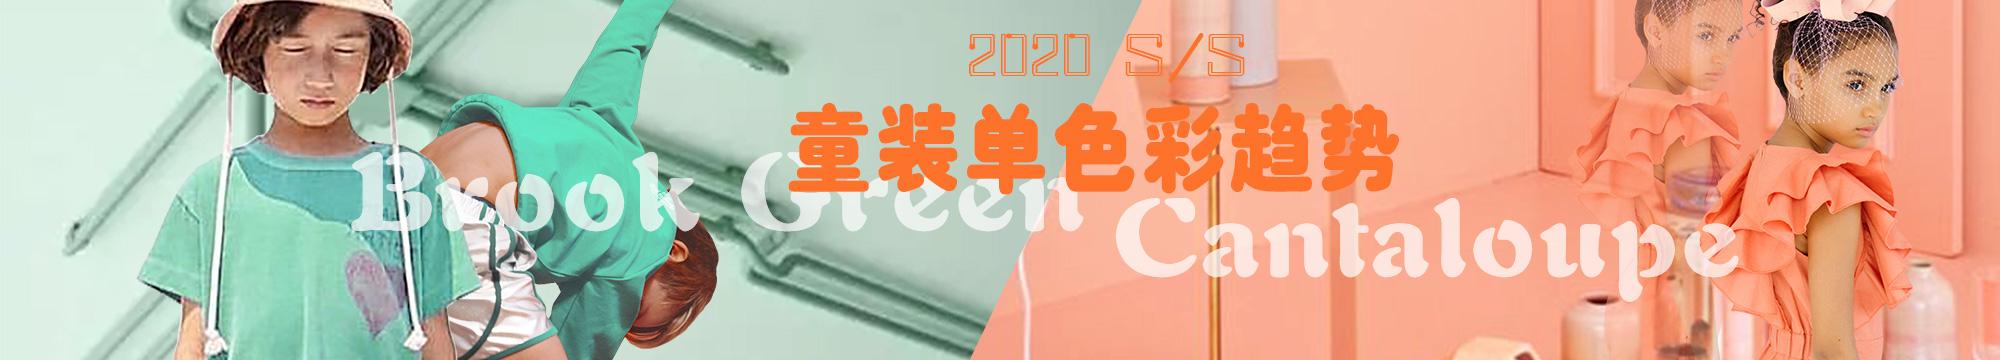 2020?#21512;?#31461;装单色彩趋势